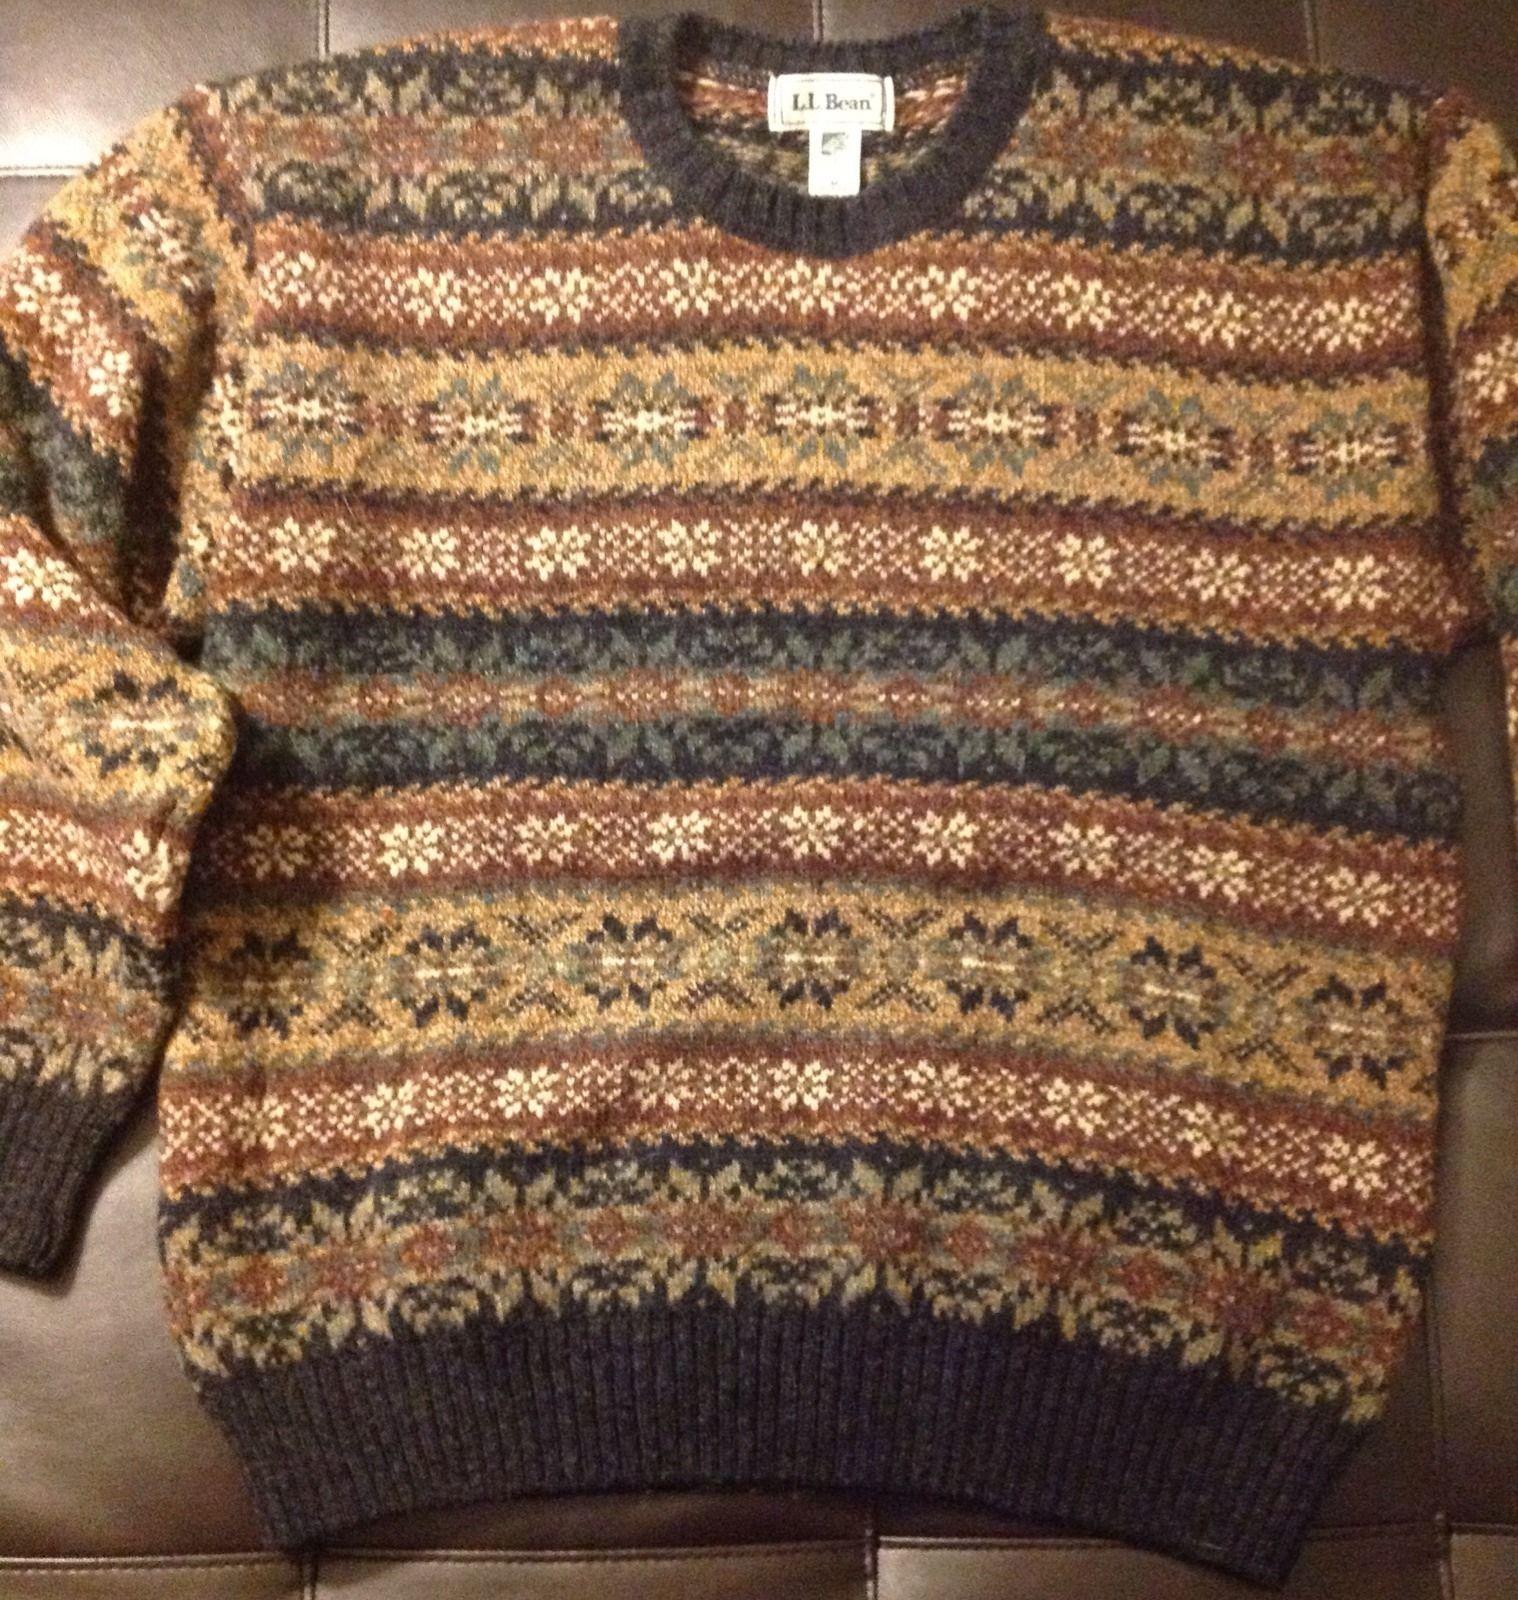 LL Bean - Fair Isle Sweater | Sartorial - Wish List | Pinterest